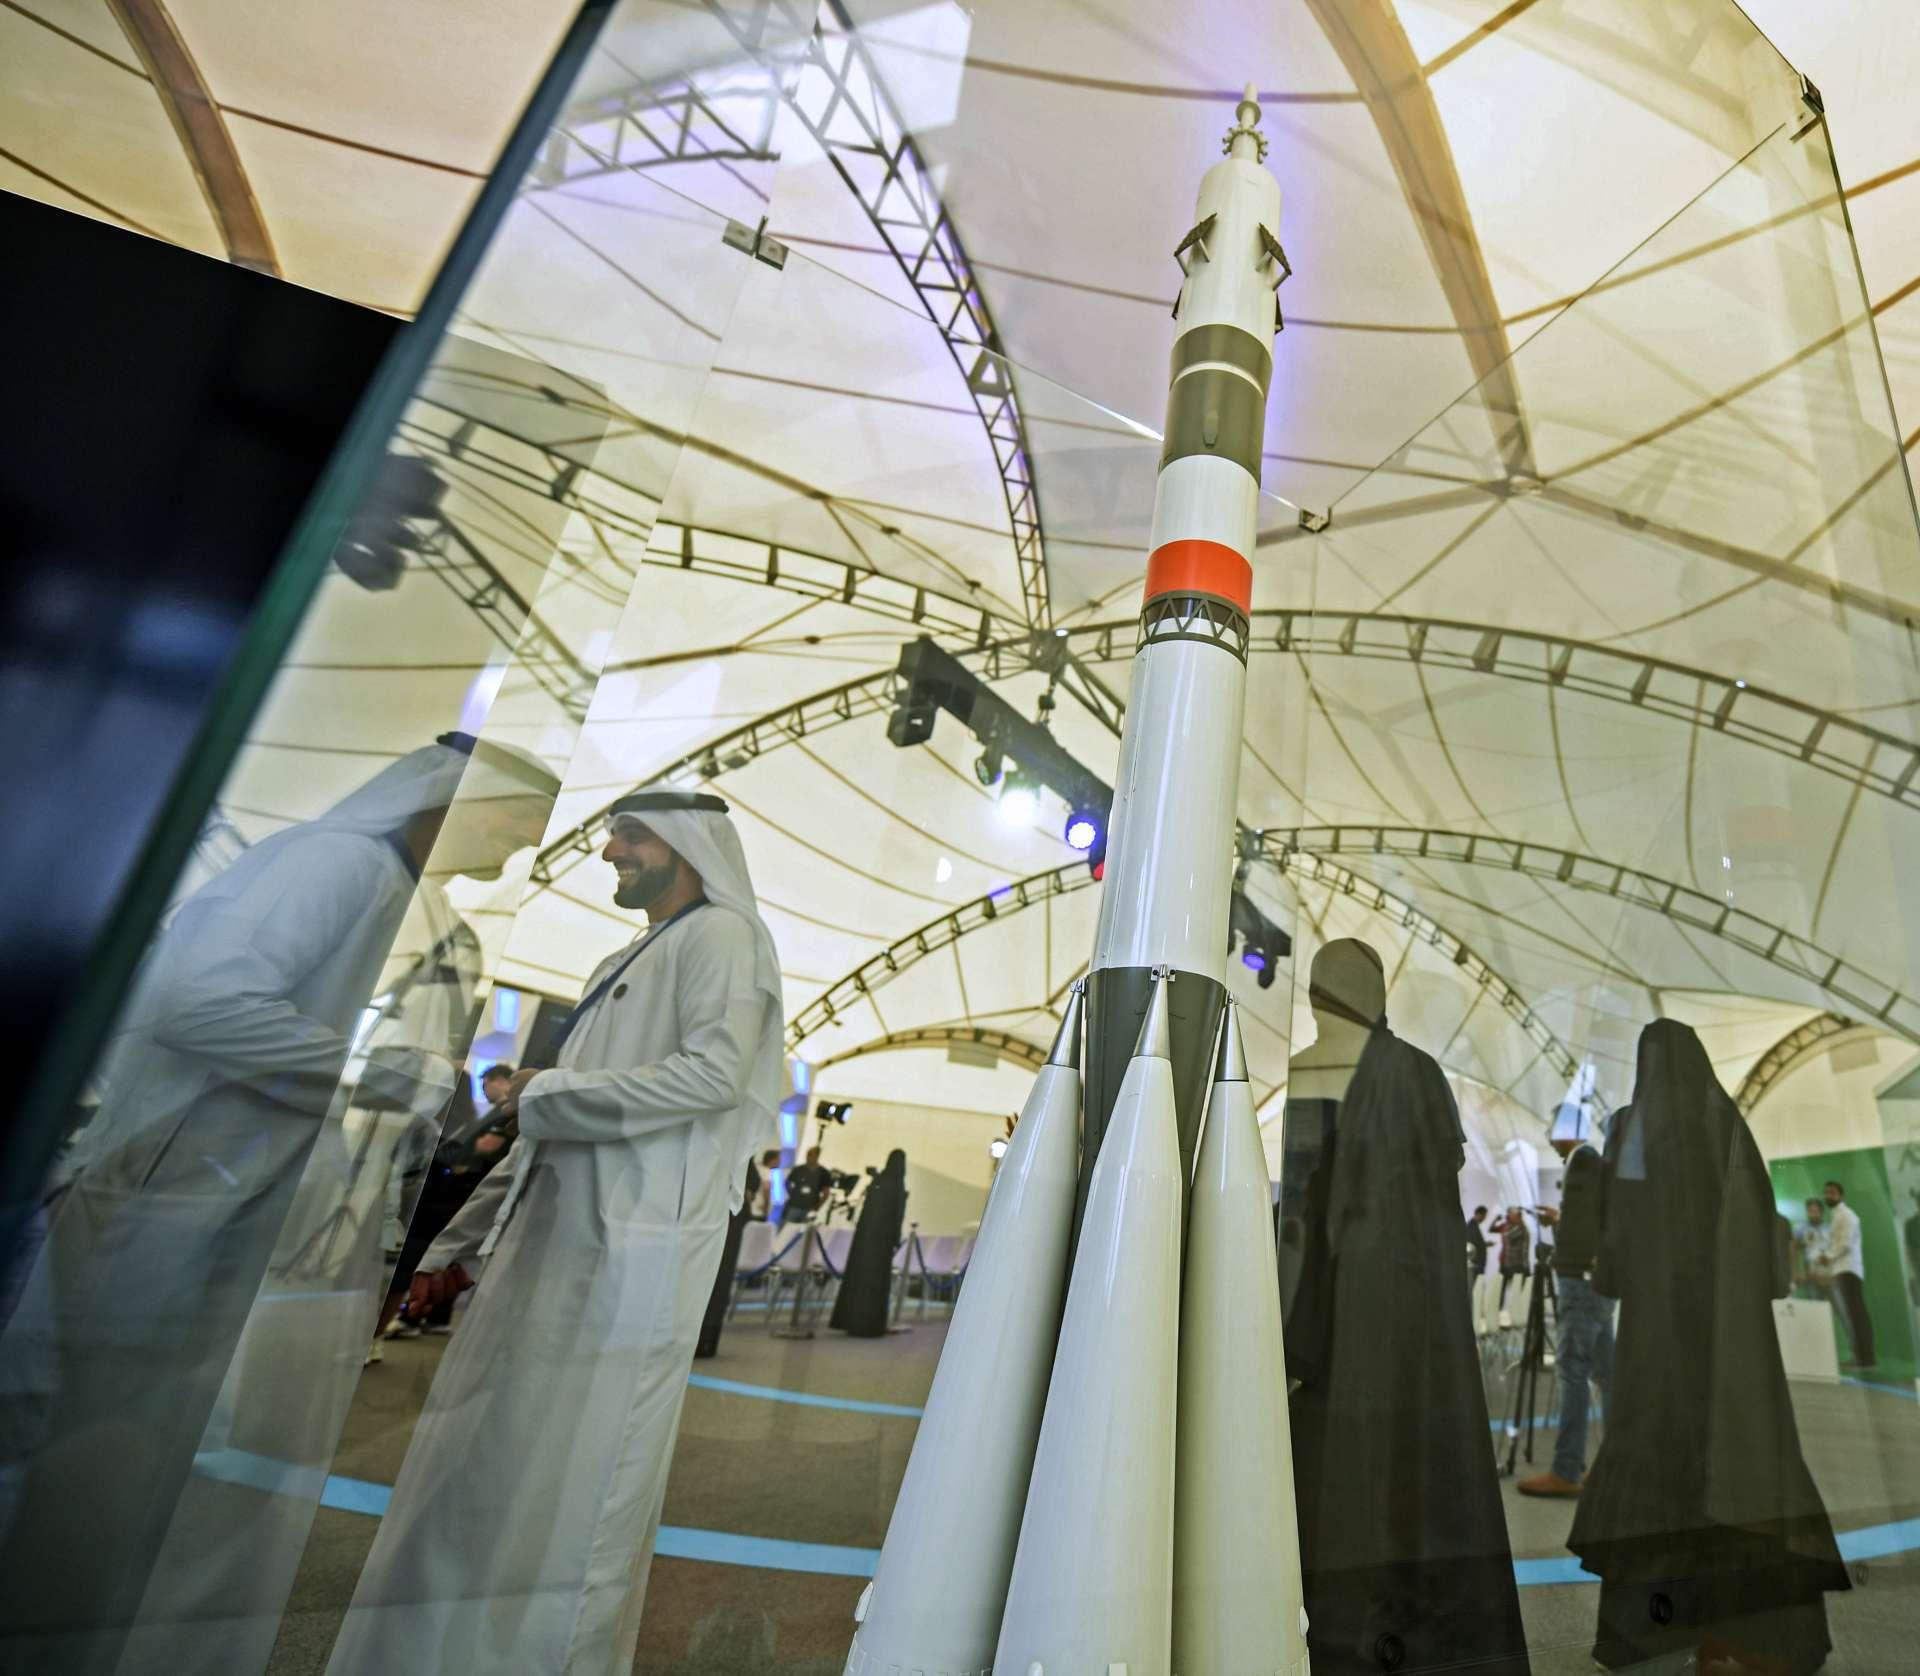 Os Emirados se reúnem no Centro Espacial Mohammed Bin Rashid (MBRSC) em Dubai